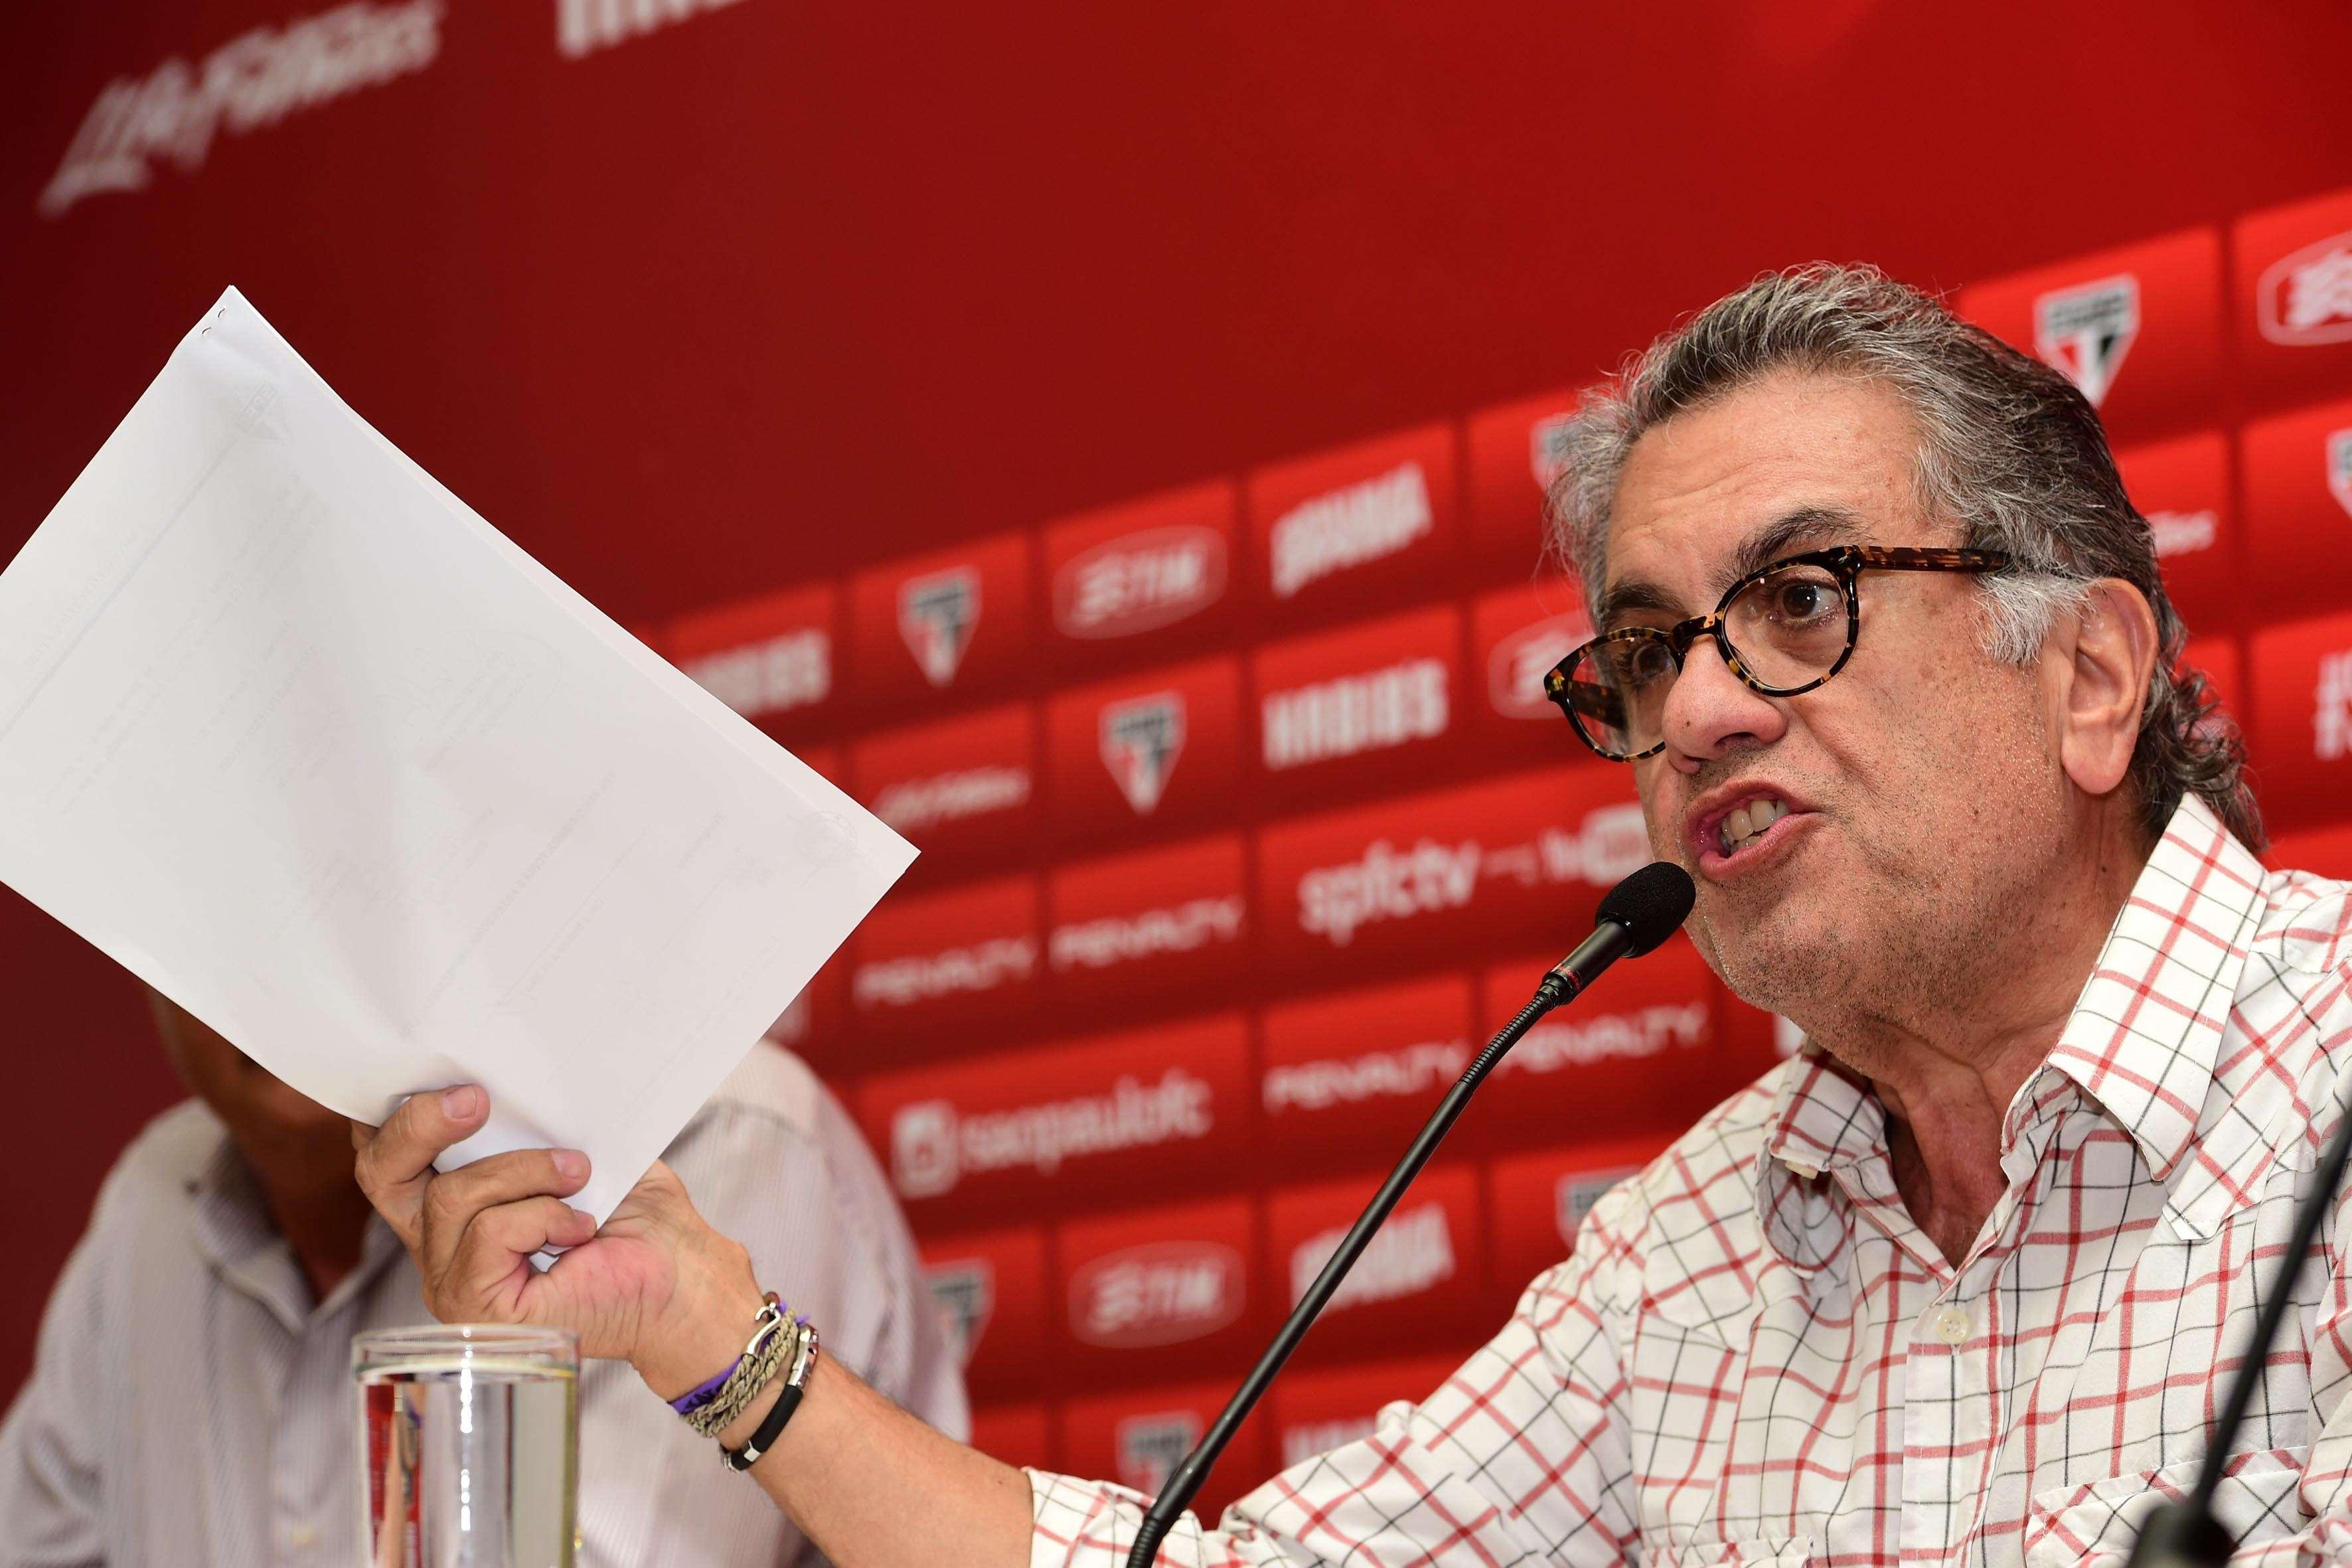 Presidente prestou esclarecimentos em relação a polêmicas recentes Foto: Djalma Vassão/Gazeta Press